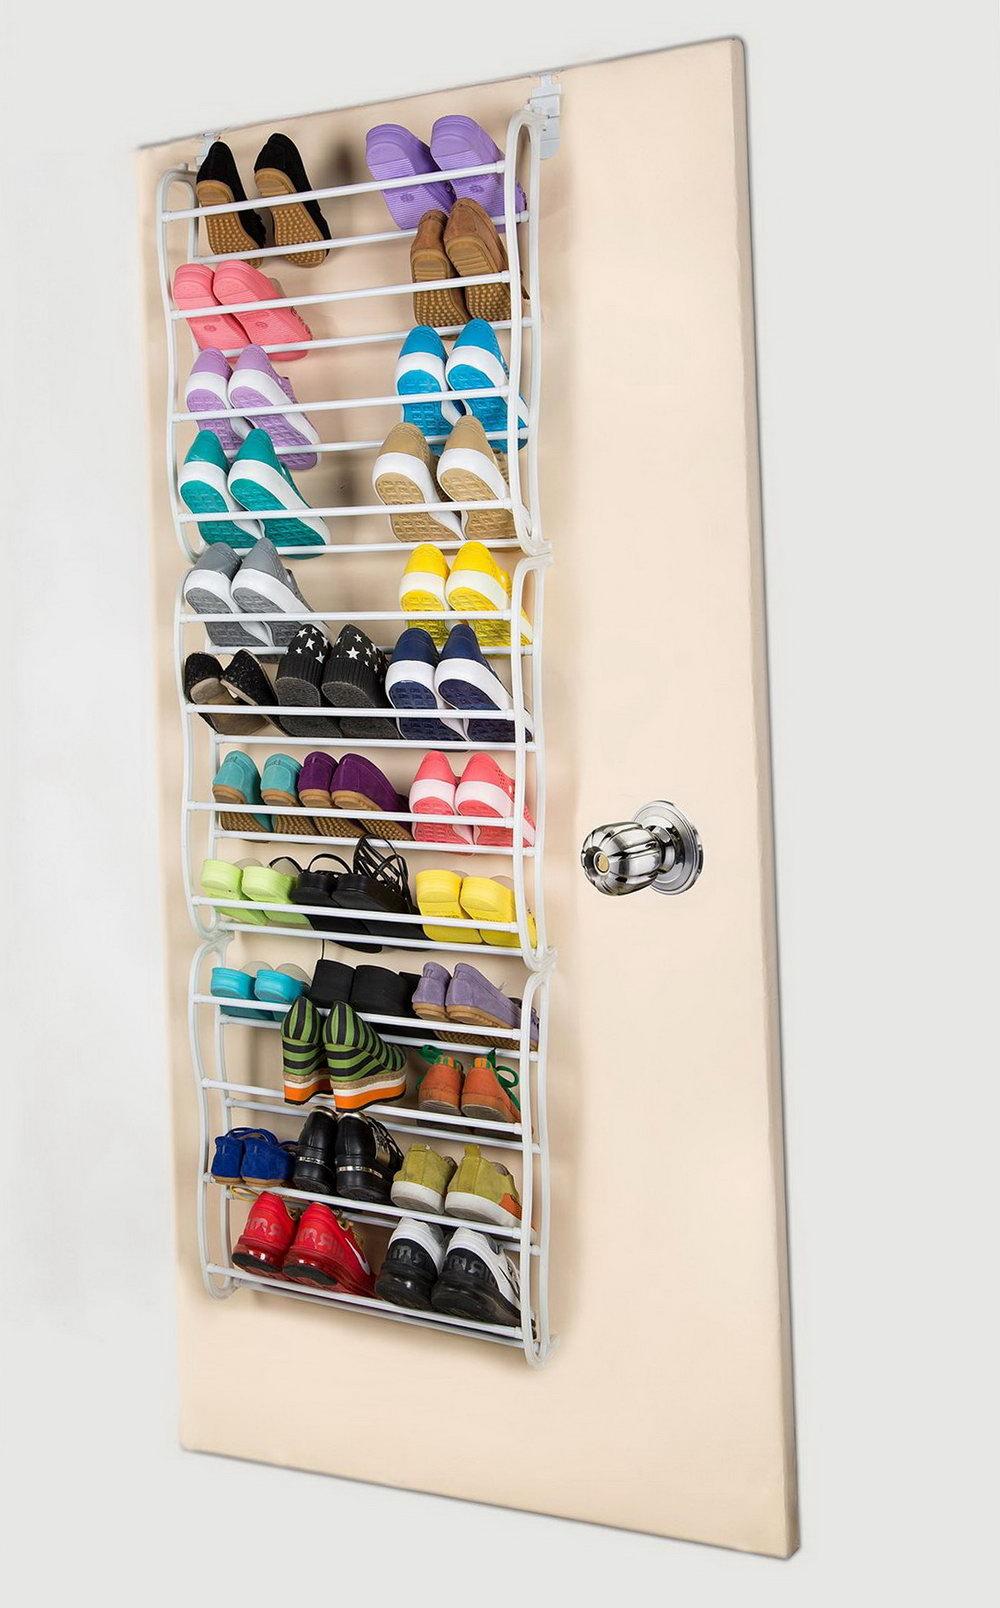 Children's Over The Door Shoe Organizer